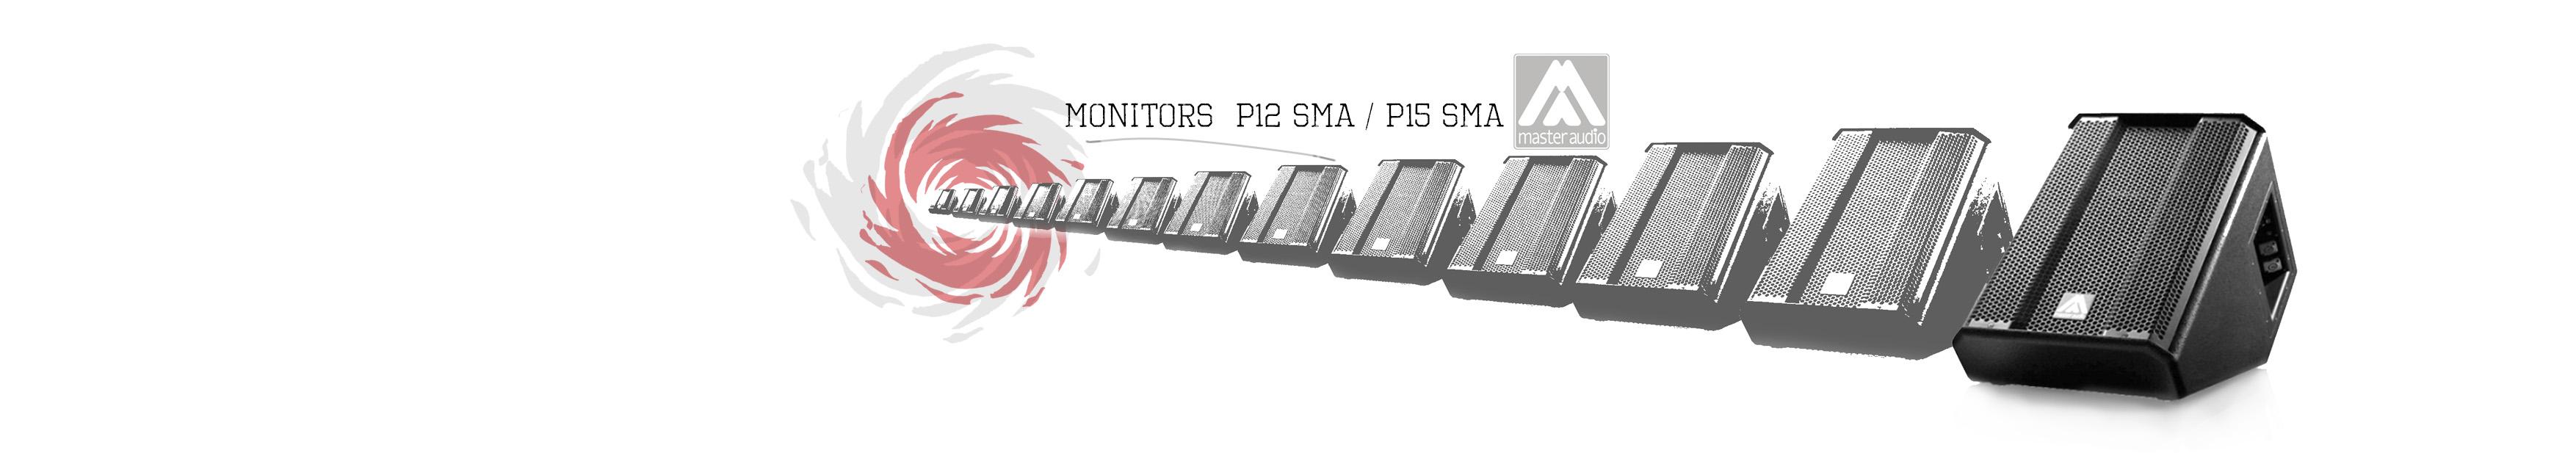 monitors P12 P15 MASTER AUDIO